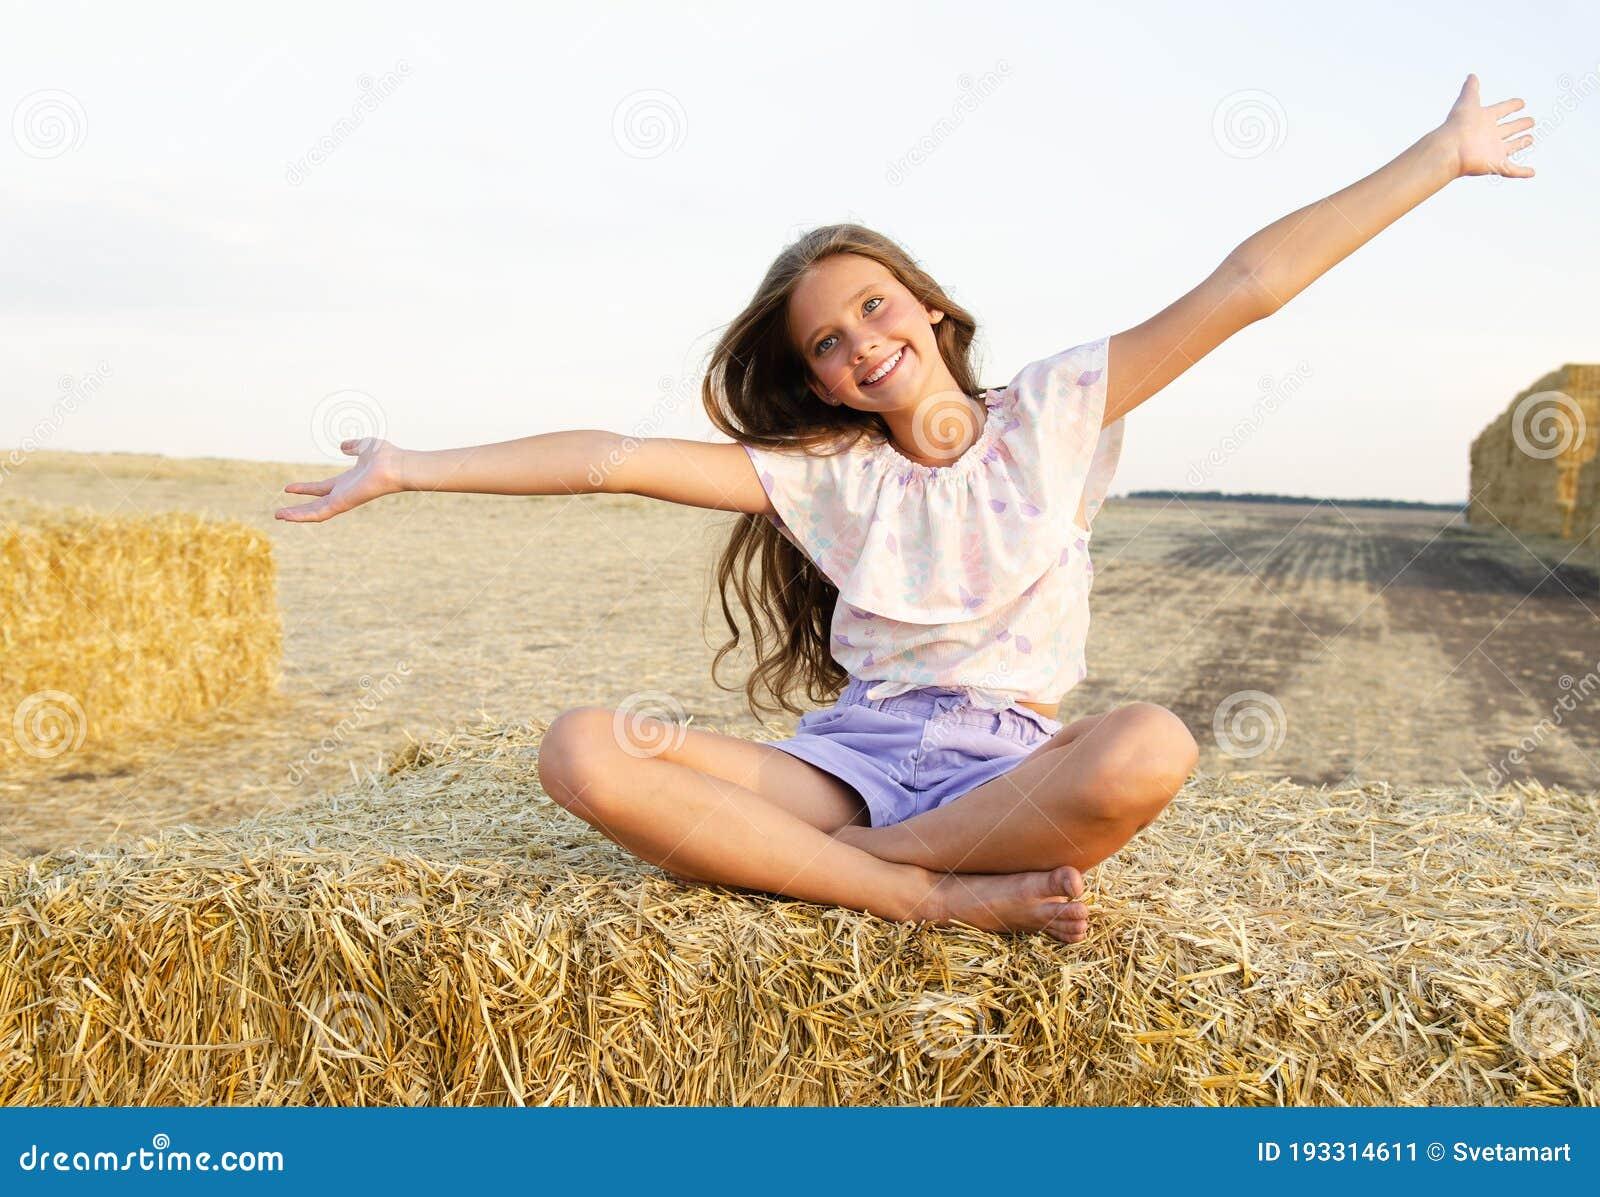 Adoravel Menina Feliz Sentada Em Um Feno Rolando Em Um Campo De Trigo Imagem De Stock Imagem De Bonito Filha 193314611